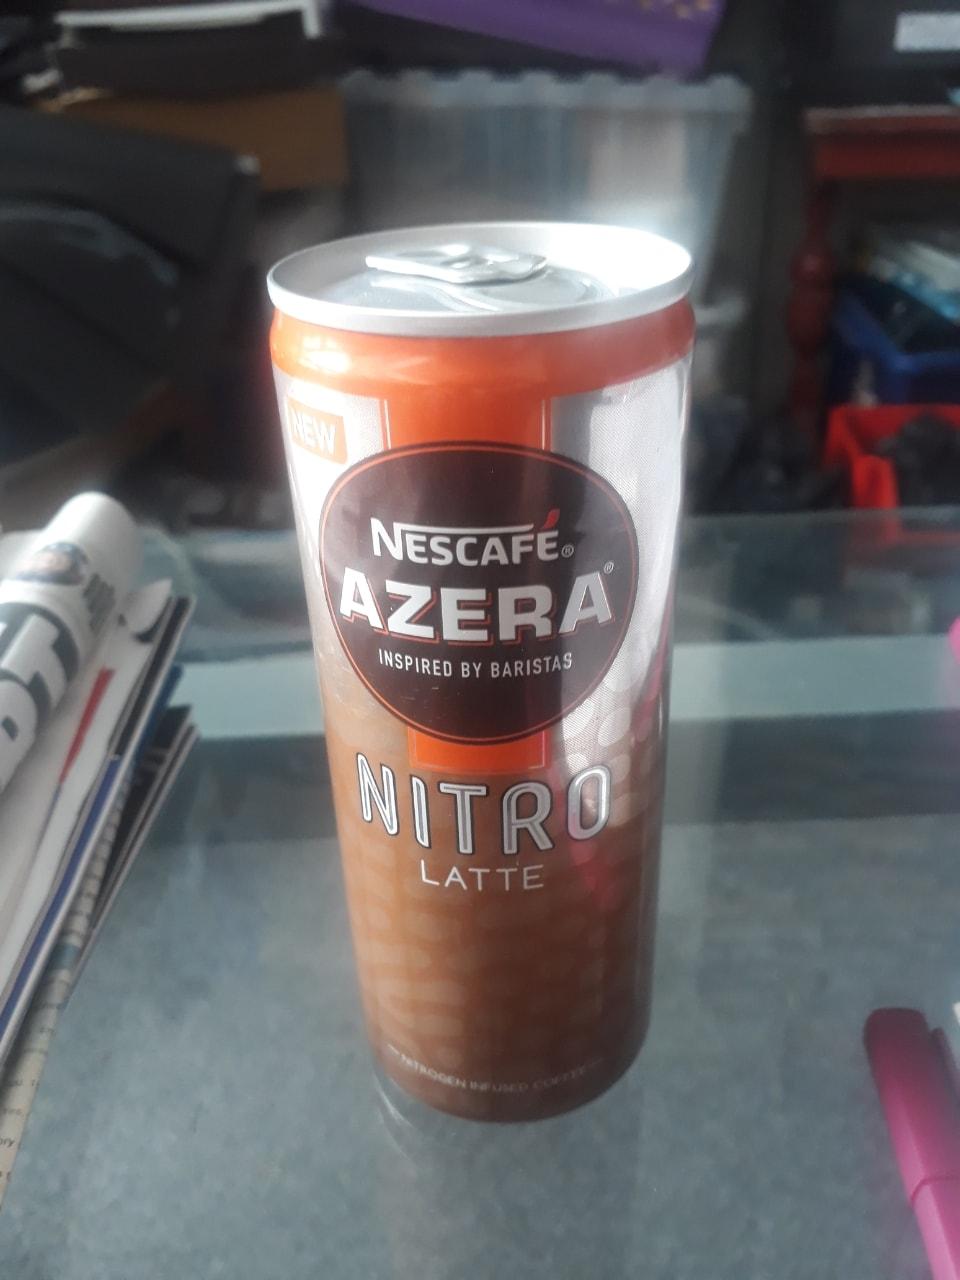 Nestle Azera Nitro Latte